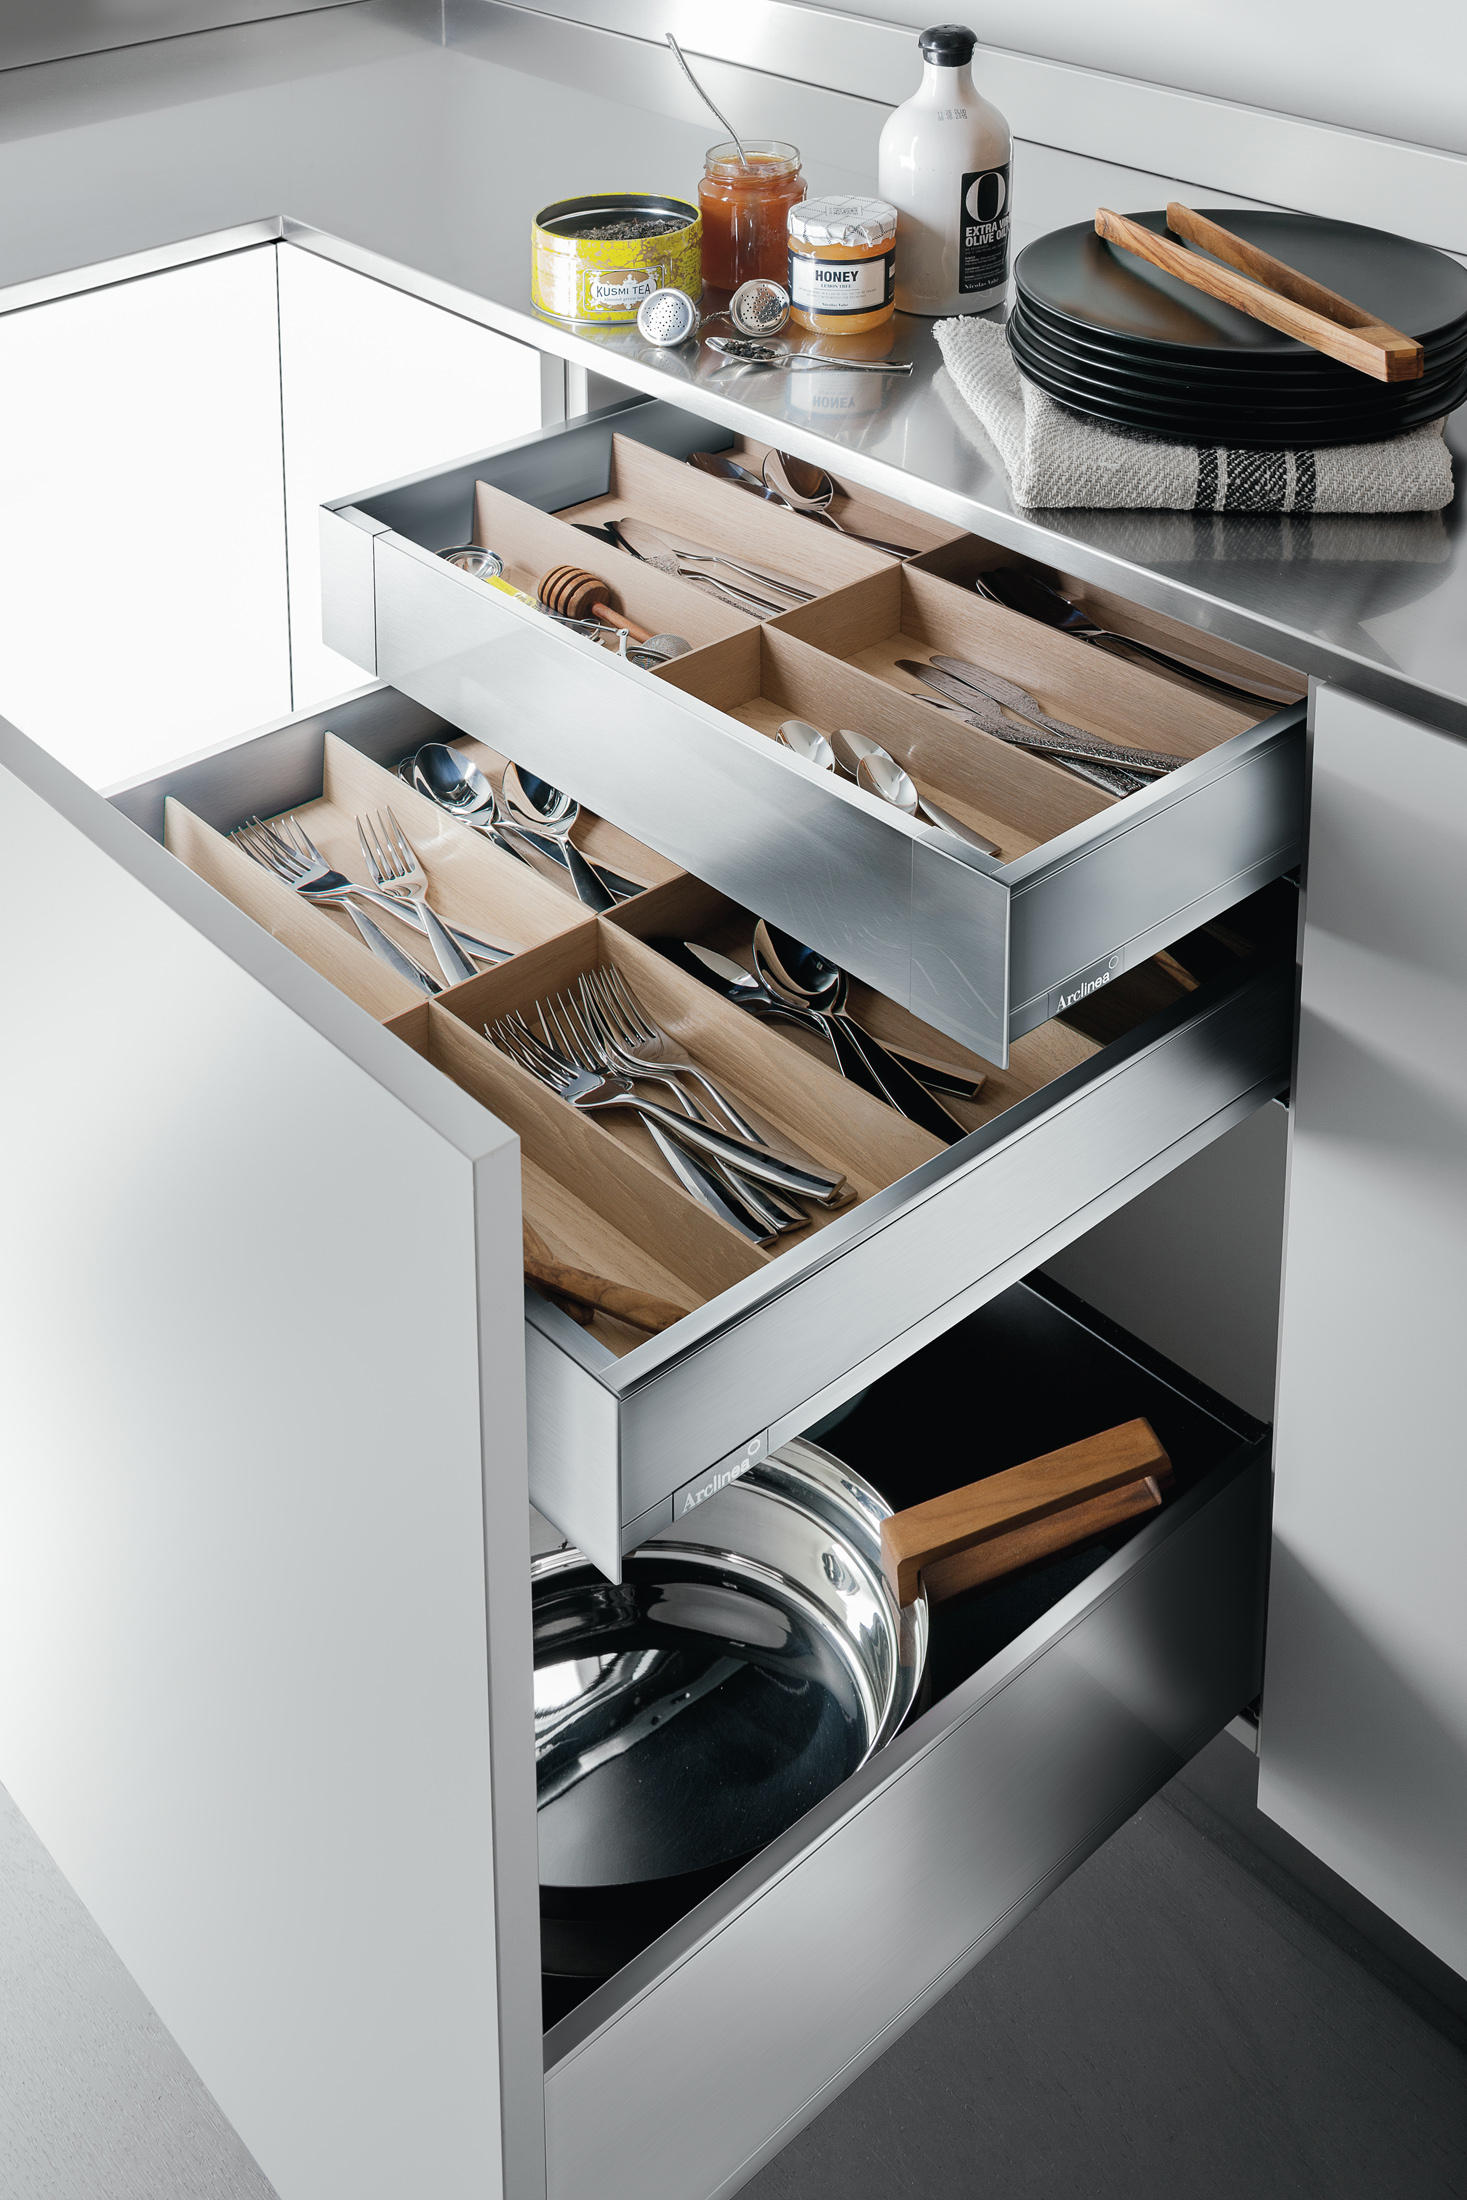 CASSETTI - Organizzazione cucina Arclinea | Architonic